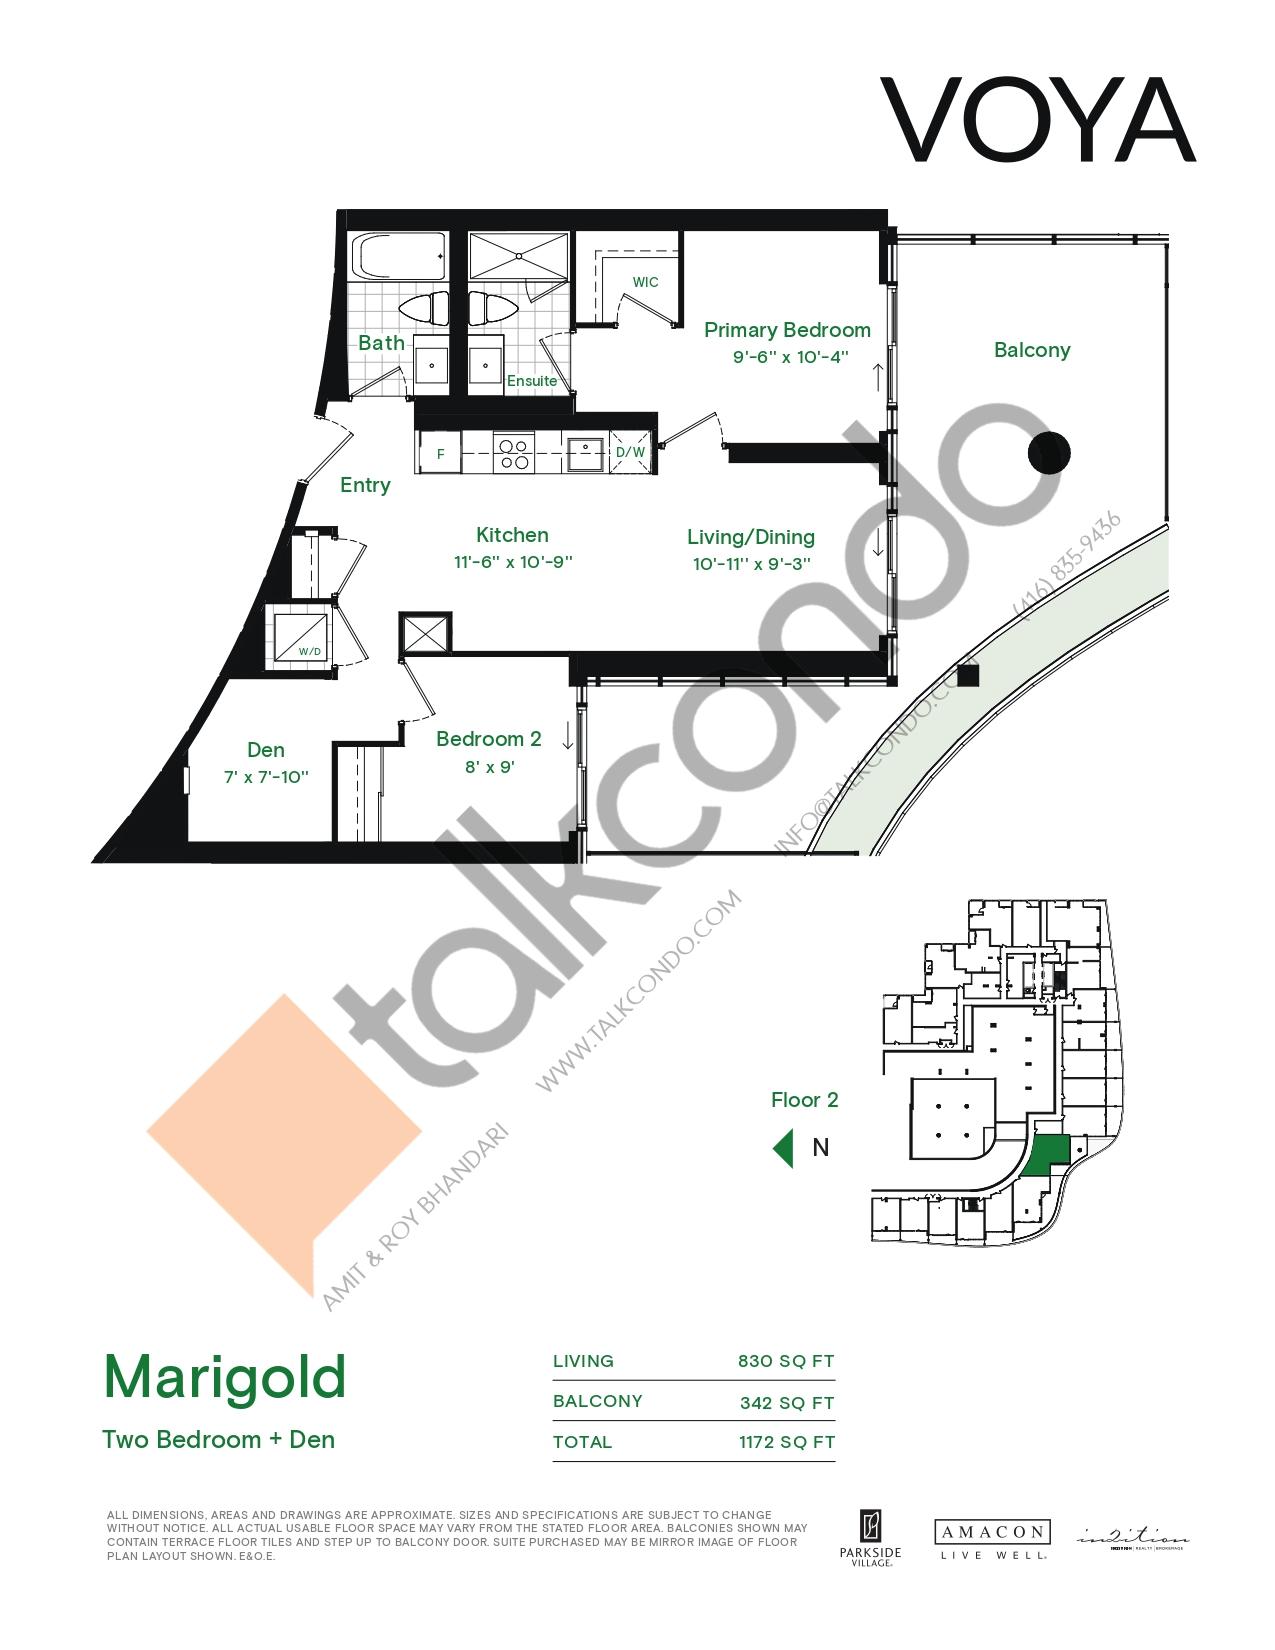 Marigold (Podium) Floor Plan at Voya at Parkside Village Condos - 830 sq.ft